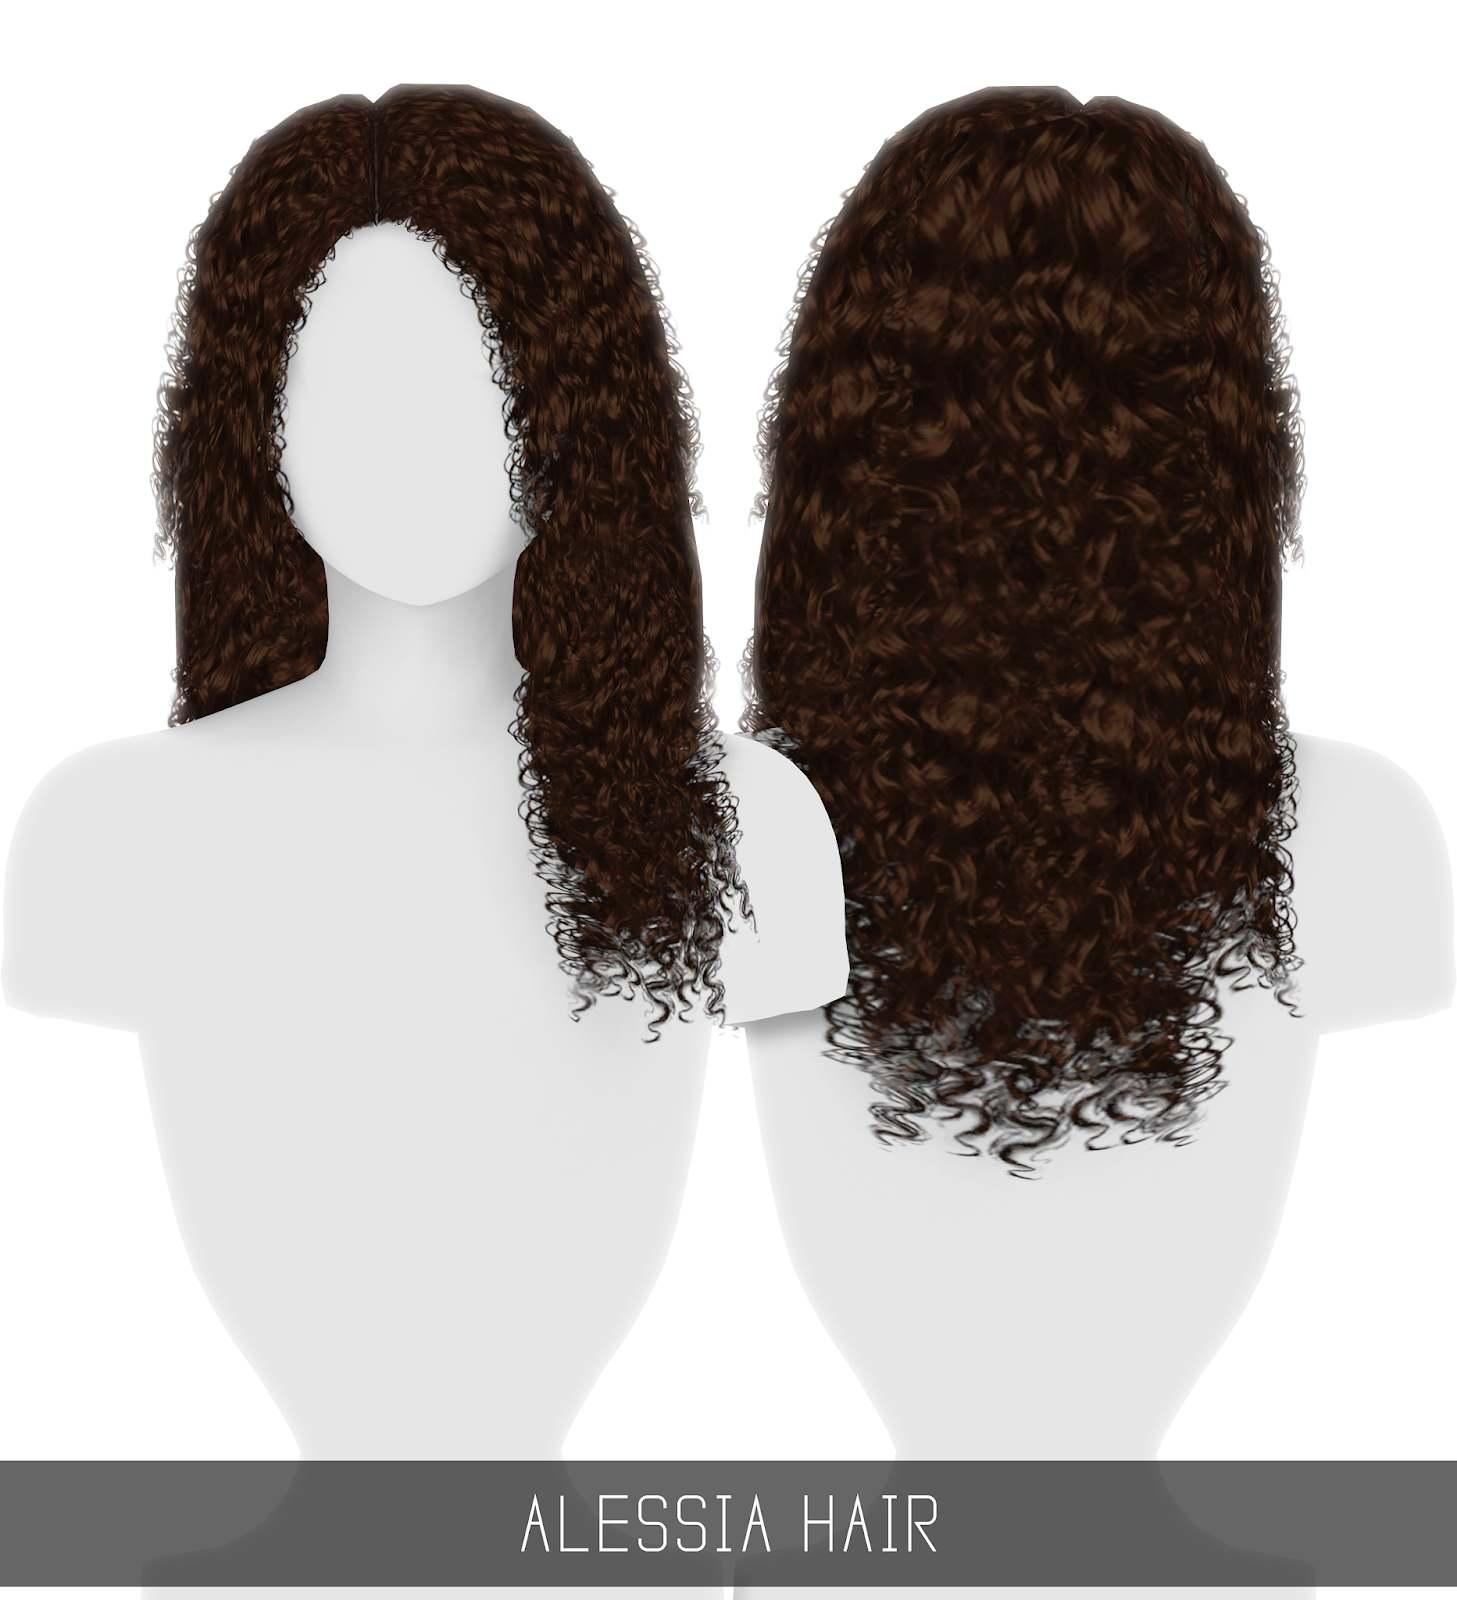 Прическа - ALESSIA HAIR